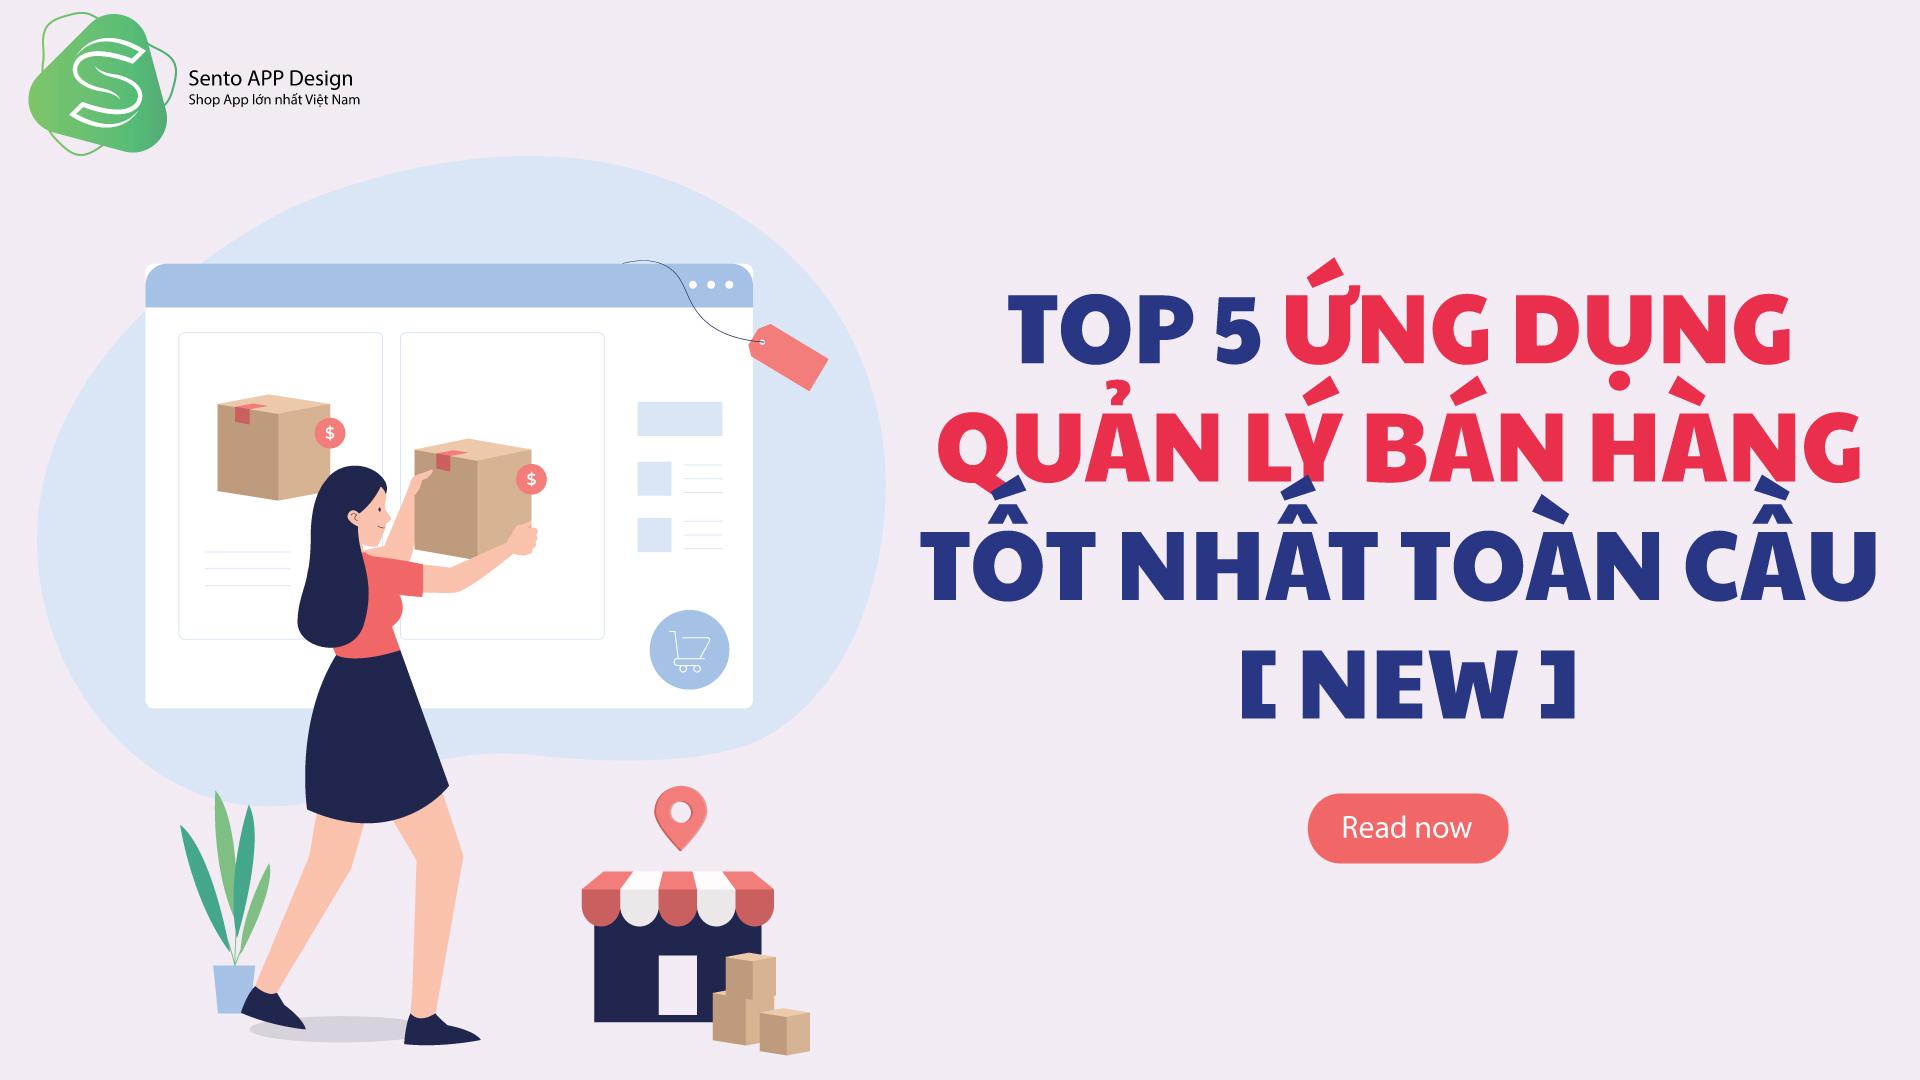 TOP 5 ỨNG DỤNG QUẢN LÝ BÁN HÀNG TRÊN IPHONE TỐT NHẤT